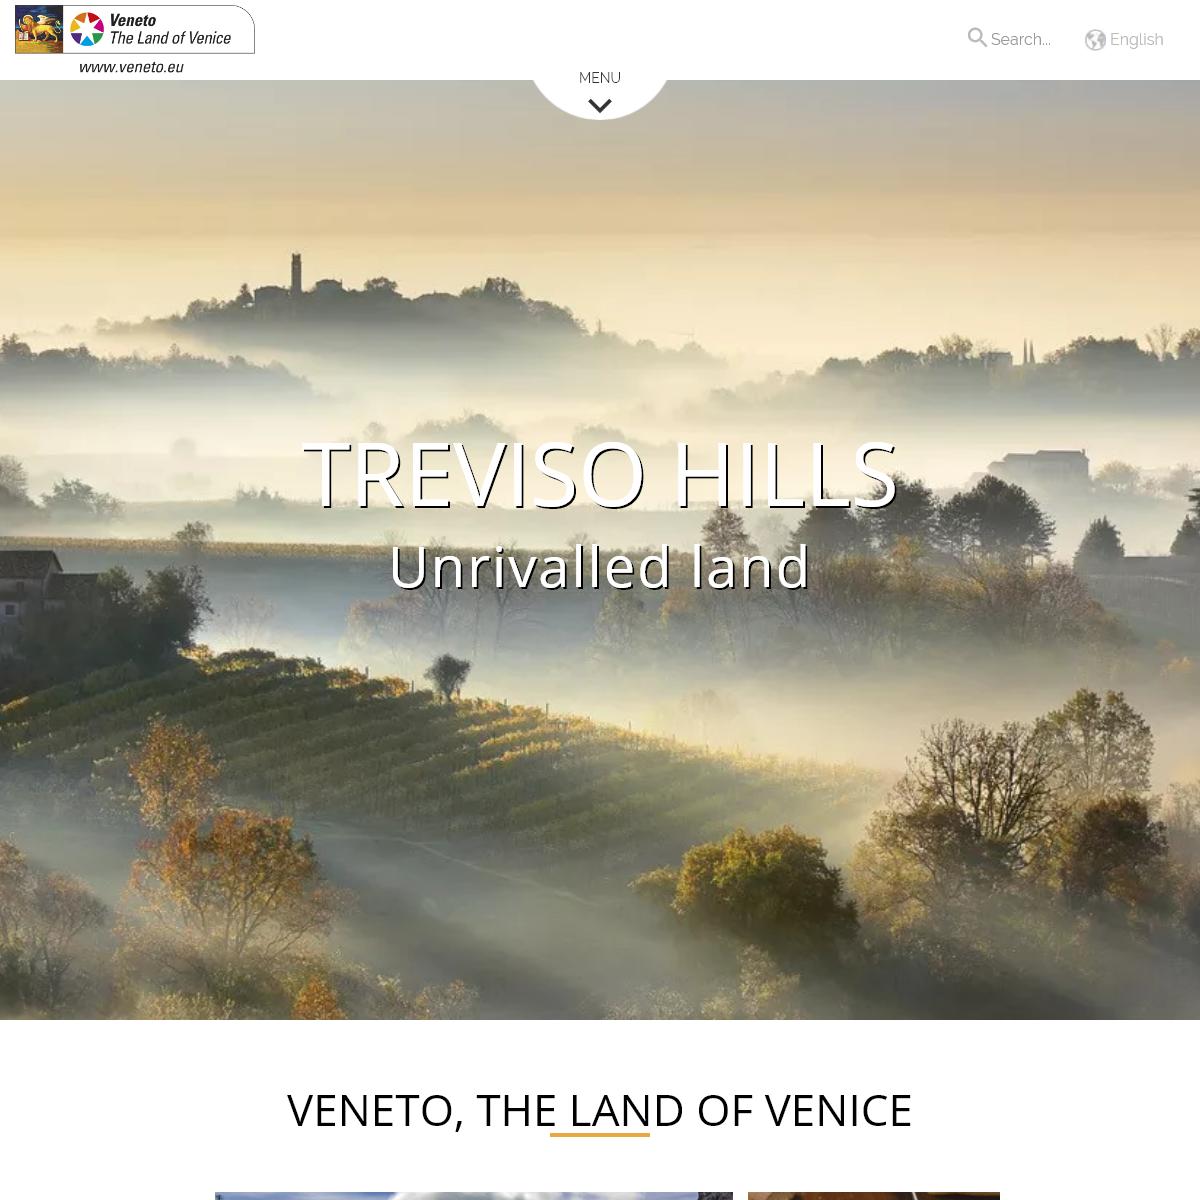 Promozione turistica del Veneto